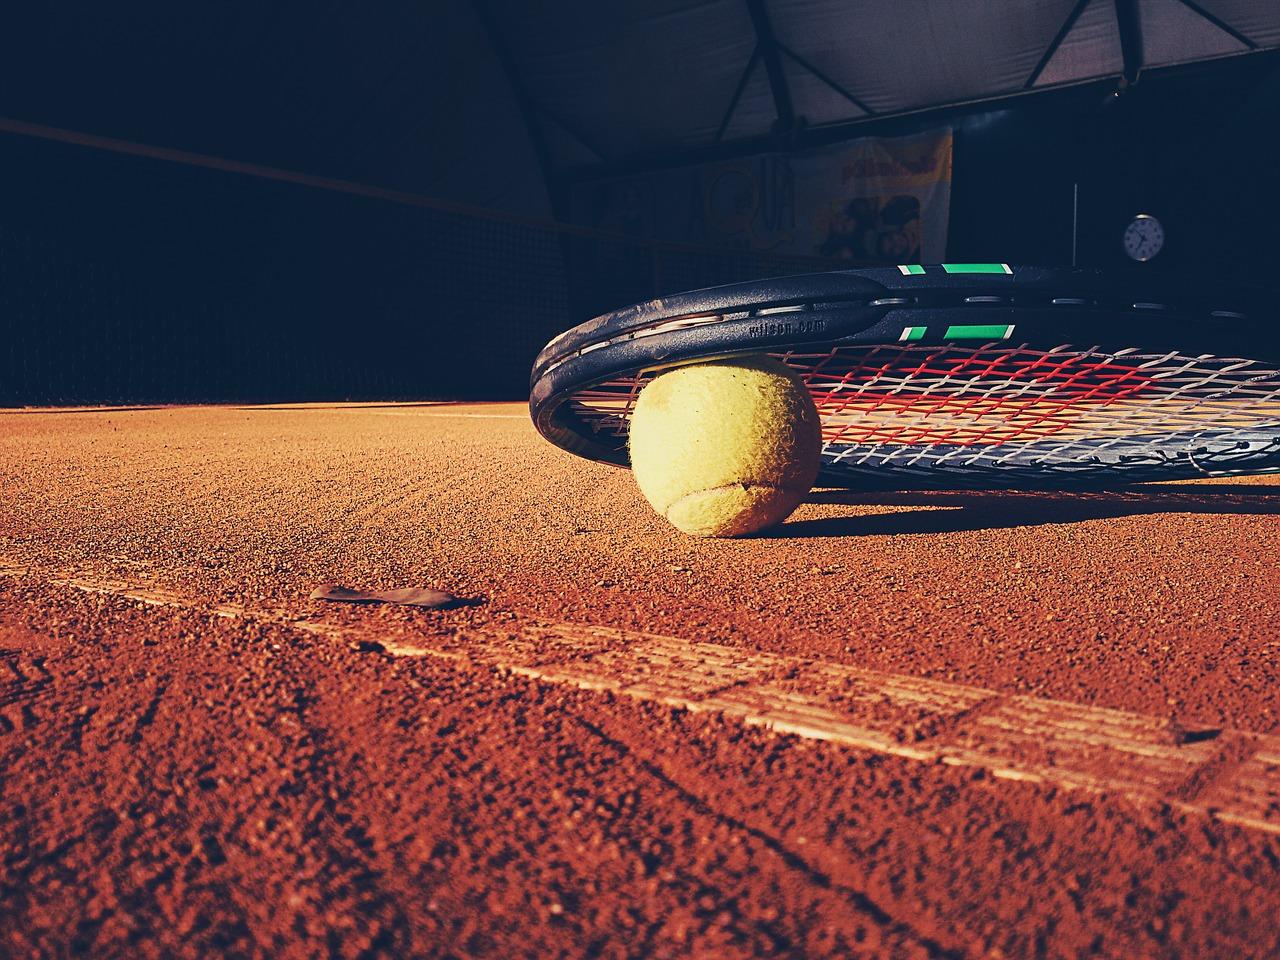 crédit image creative common : https://pixabay.com/fr/photos/tennis-raquette-cour-argile-boule-923659/